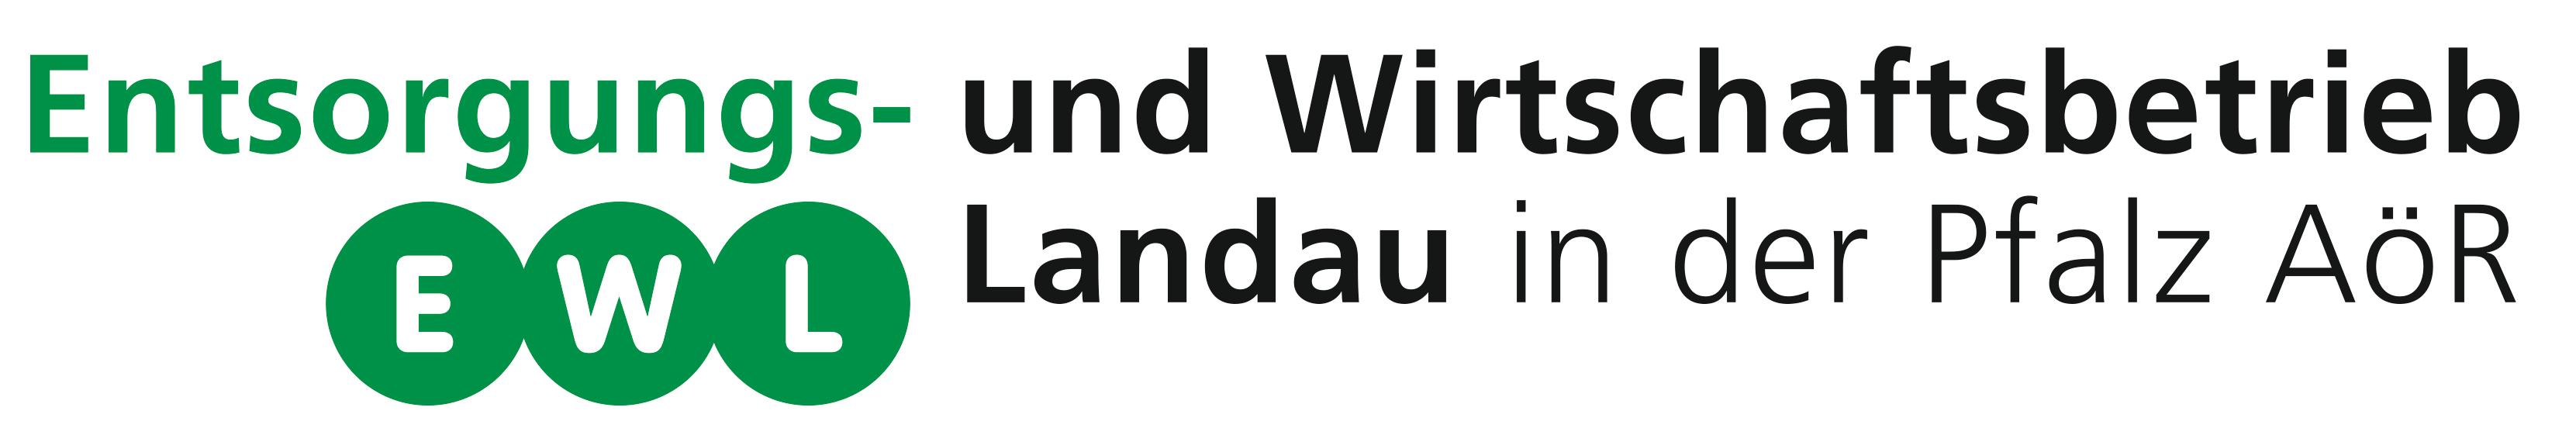 EWL Landau/Pfalz